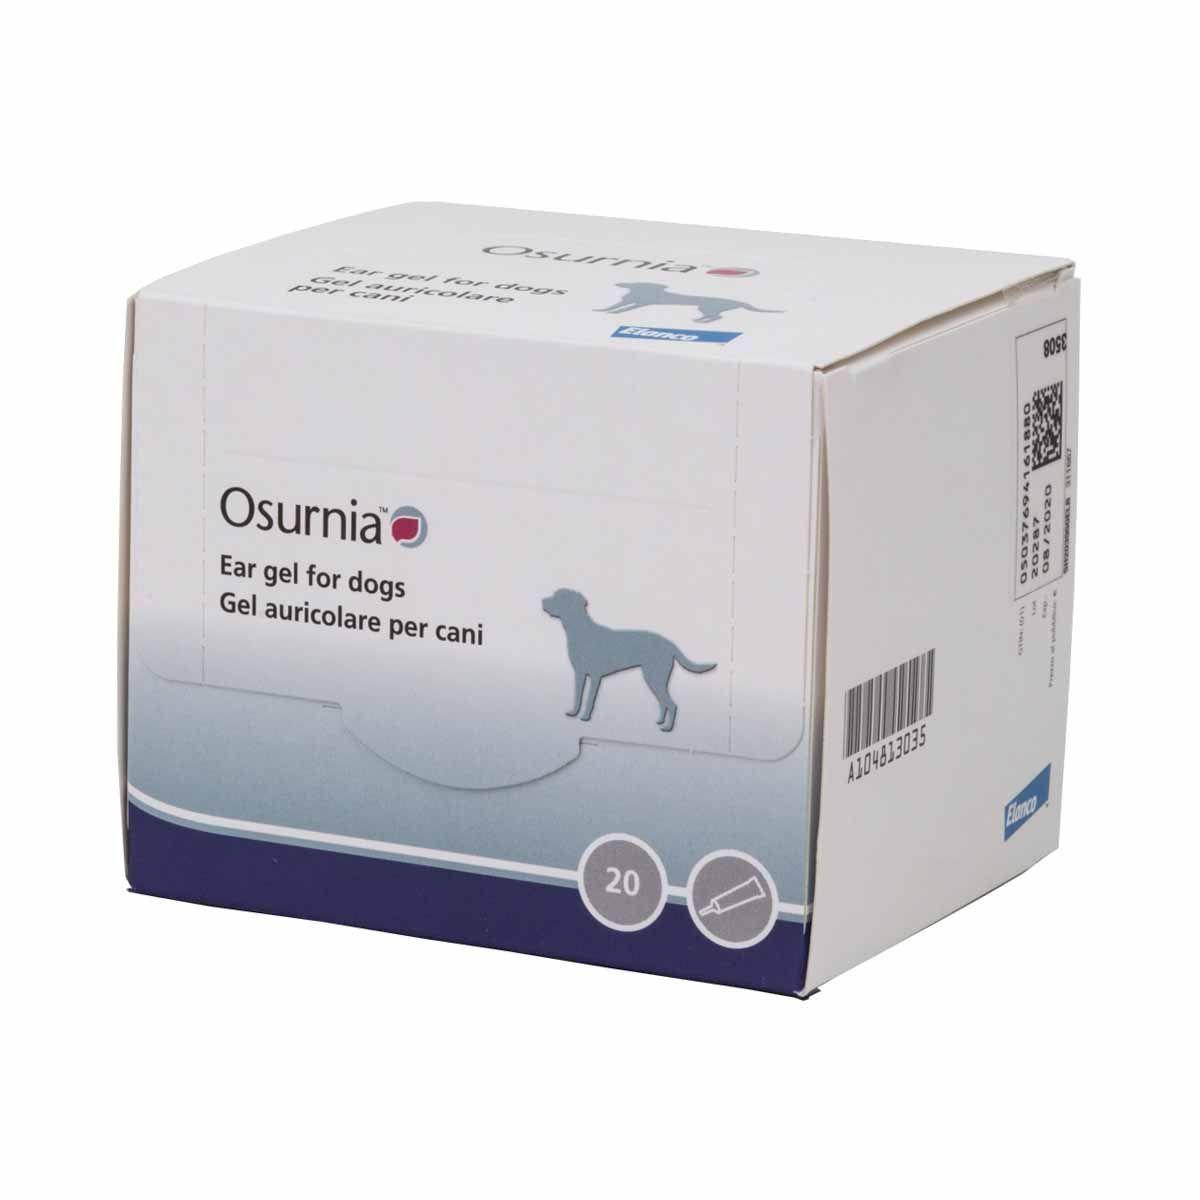 Osurnia Otic Ear Gel For Dogs 1ml Medical Prescription Gel Pet